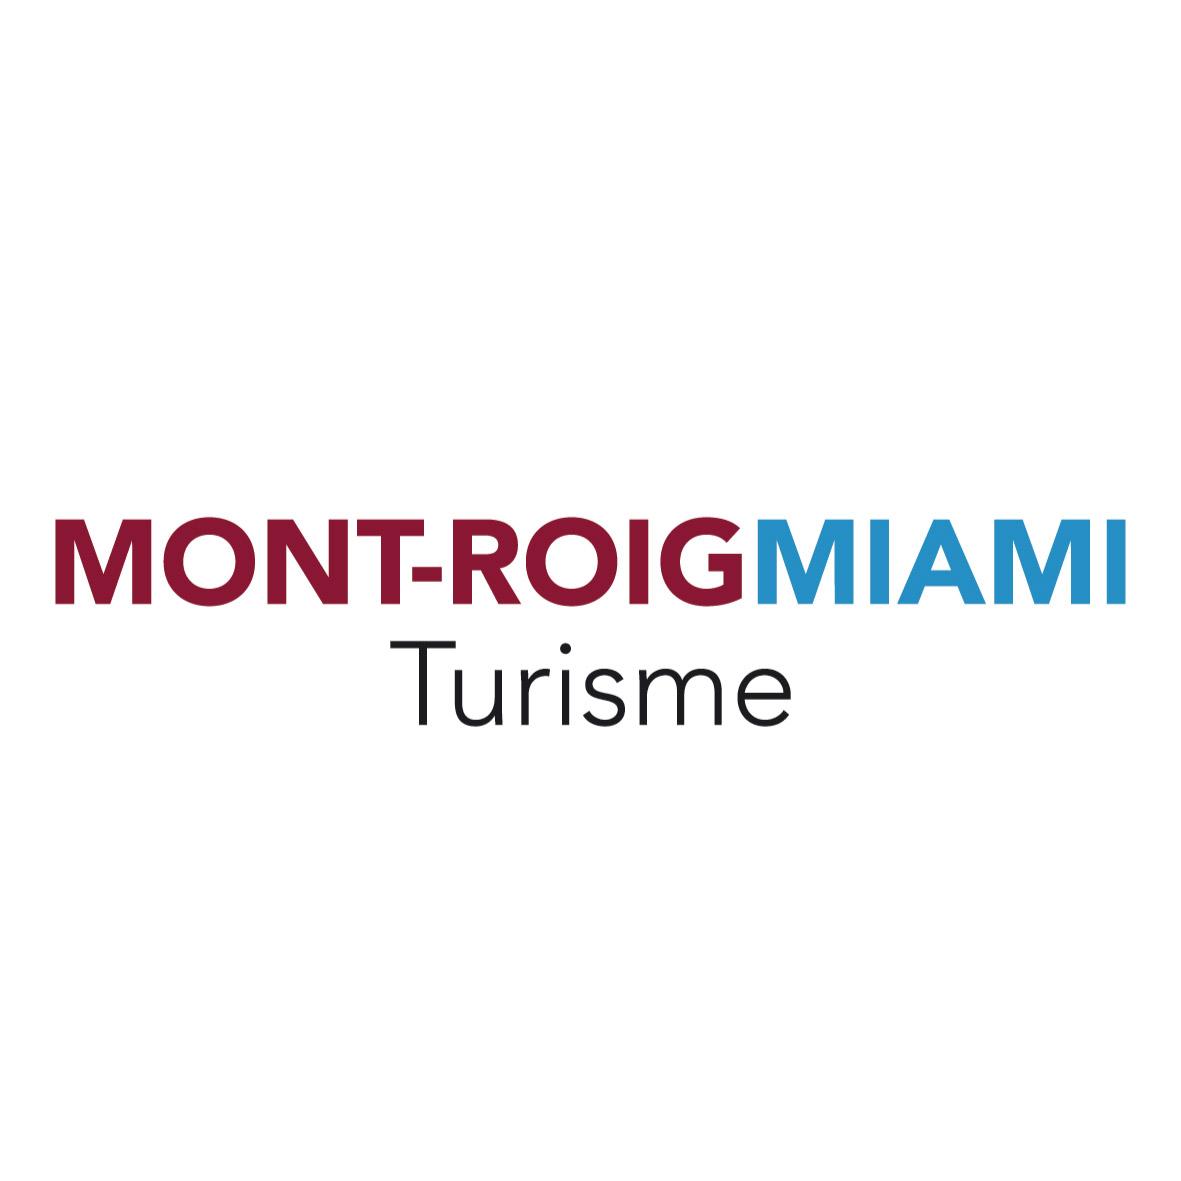 Mont-roig Miami Turisme